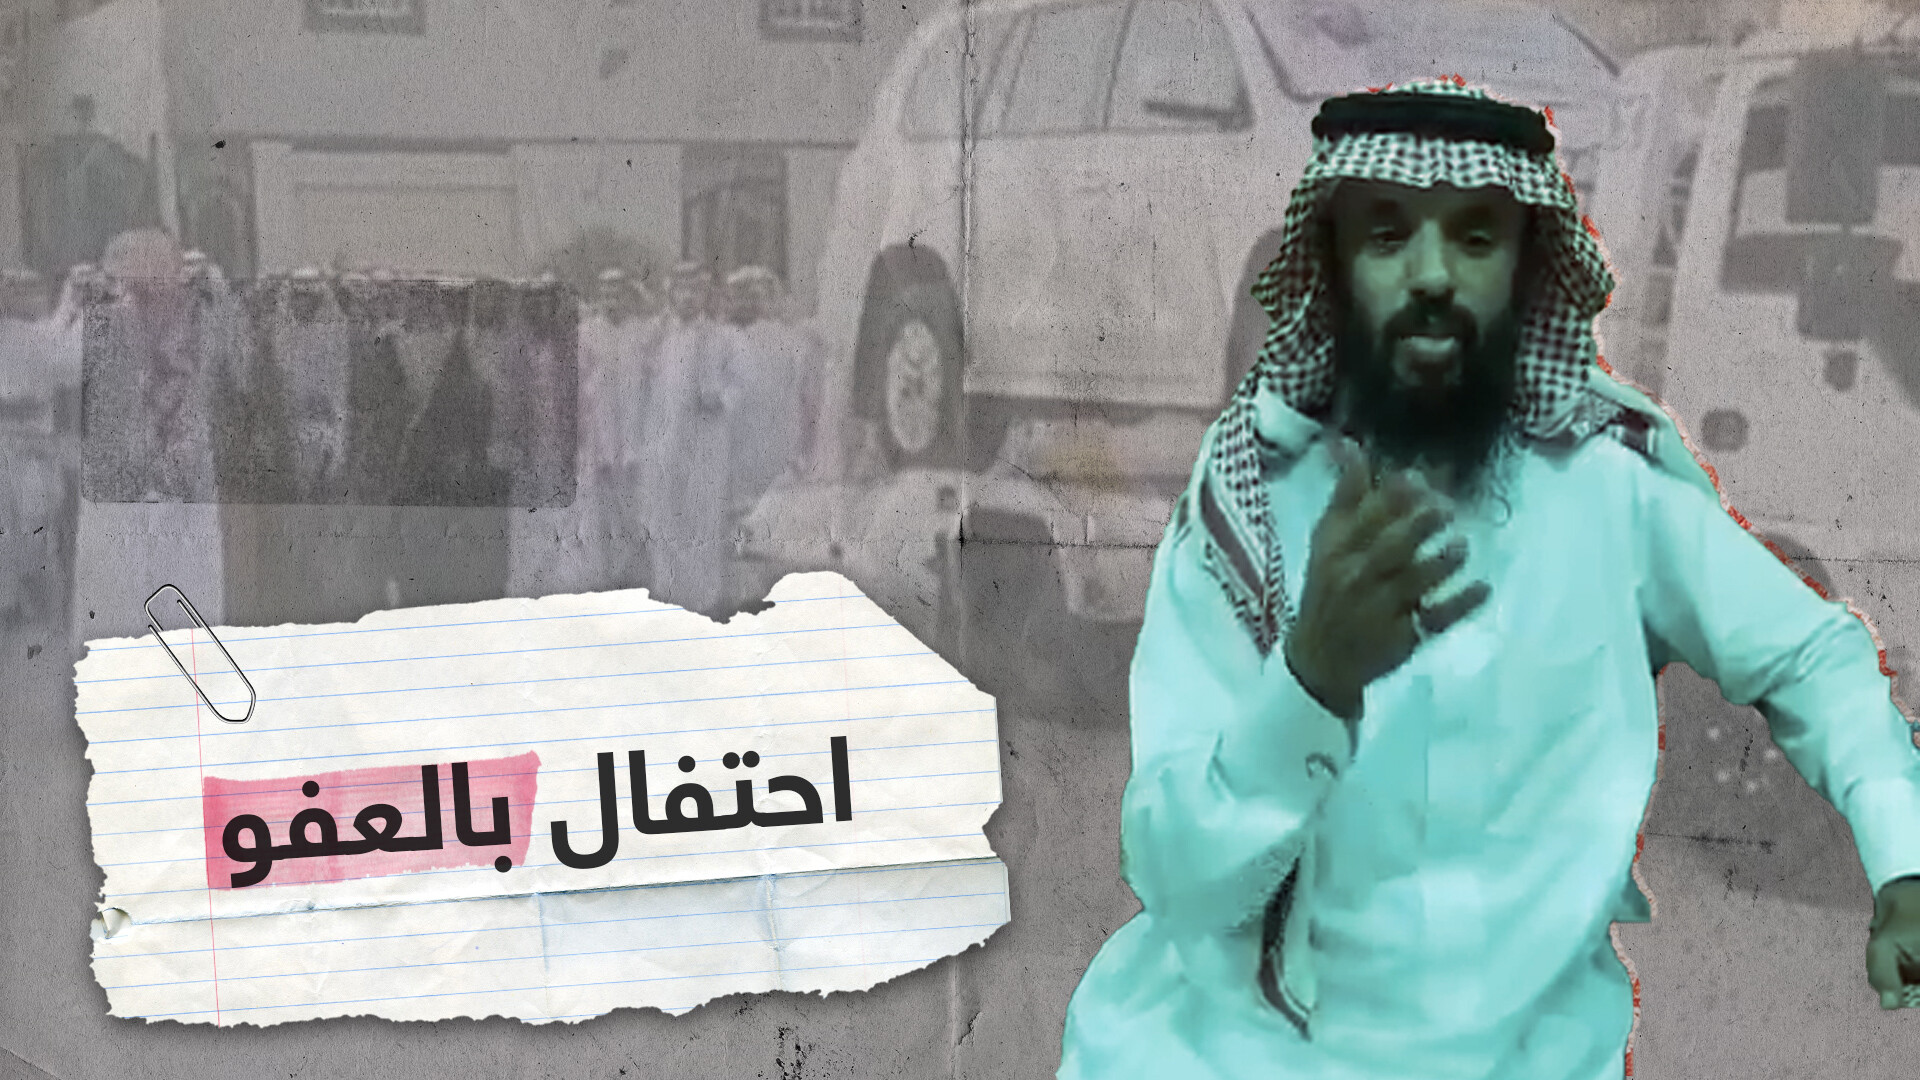 عفا عن قاتل ولده.. فاحتفل به سعوديون وأهدوه سيارة فارهة